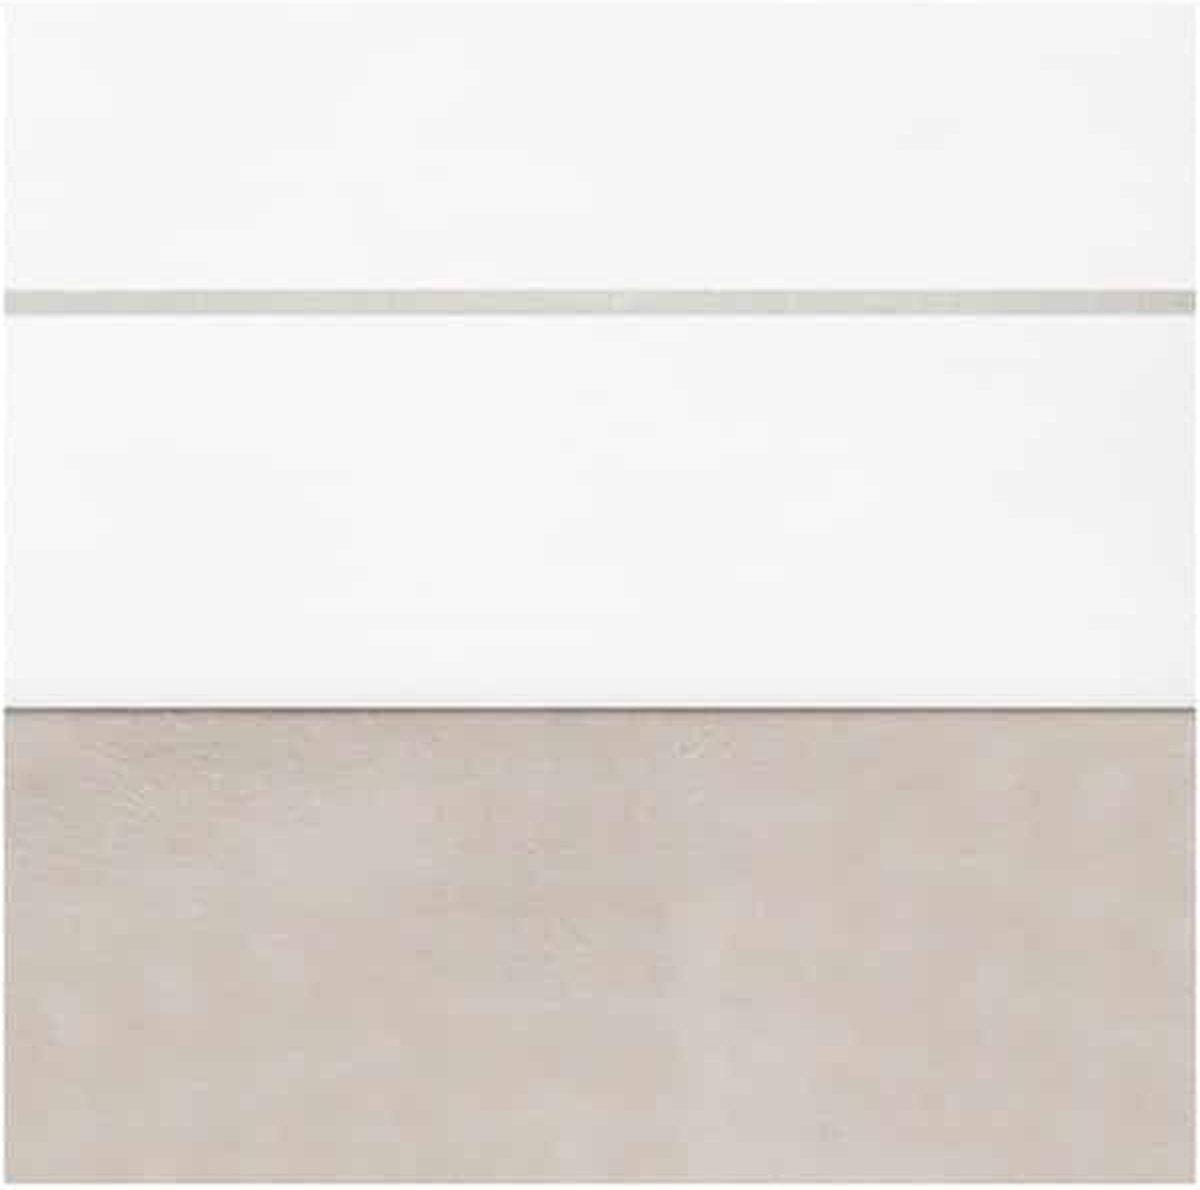 Jollein Bies - Wieglaken 75x100 cm - Zand